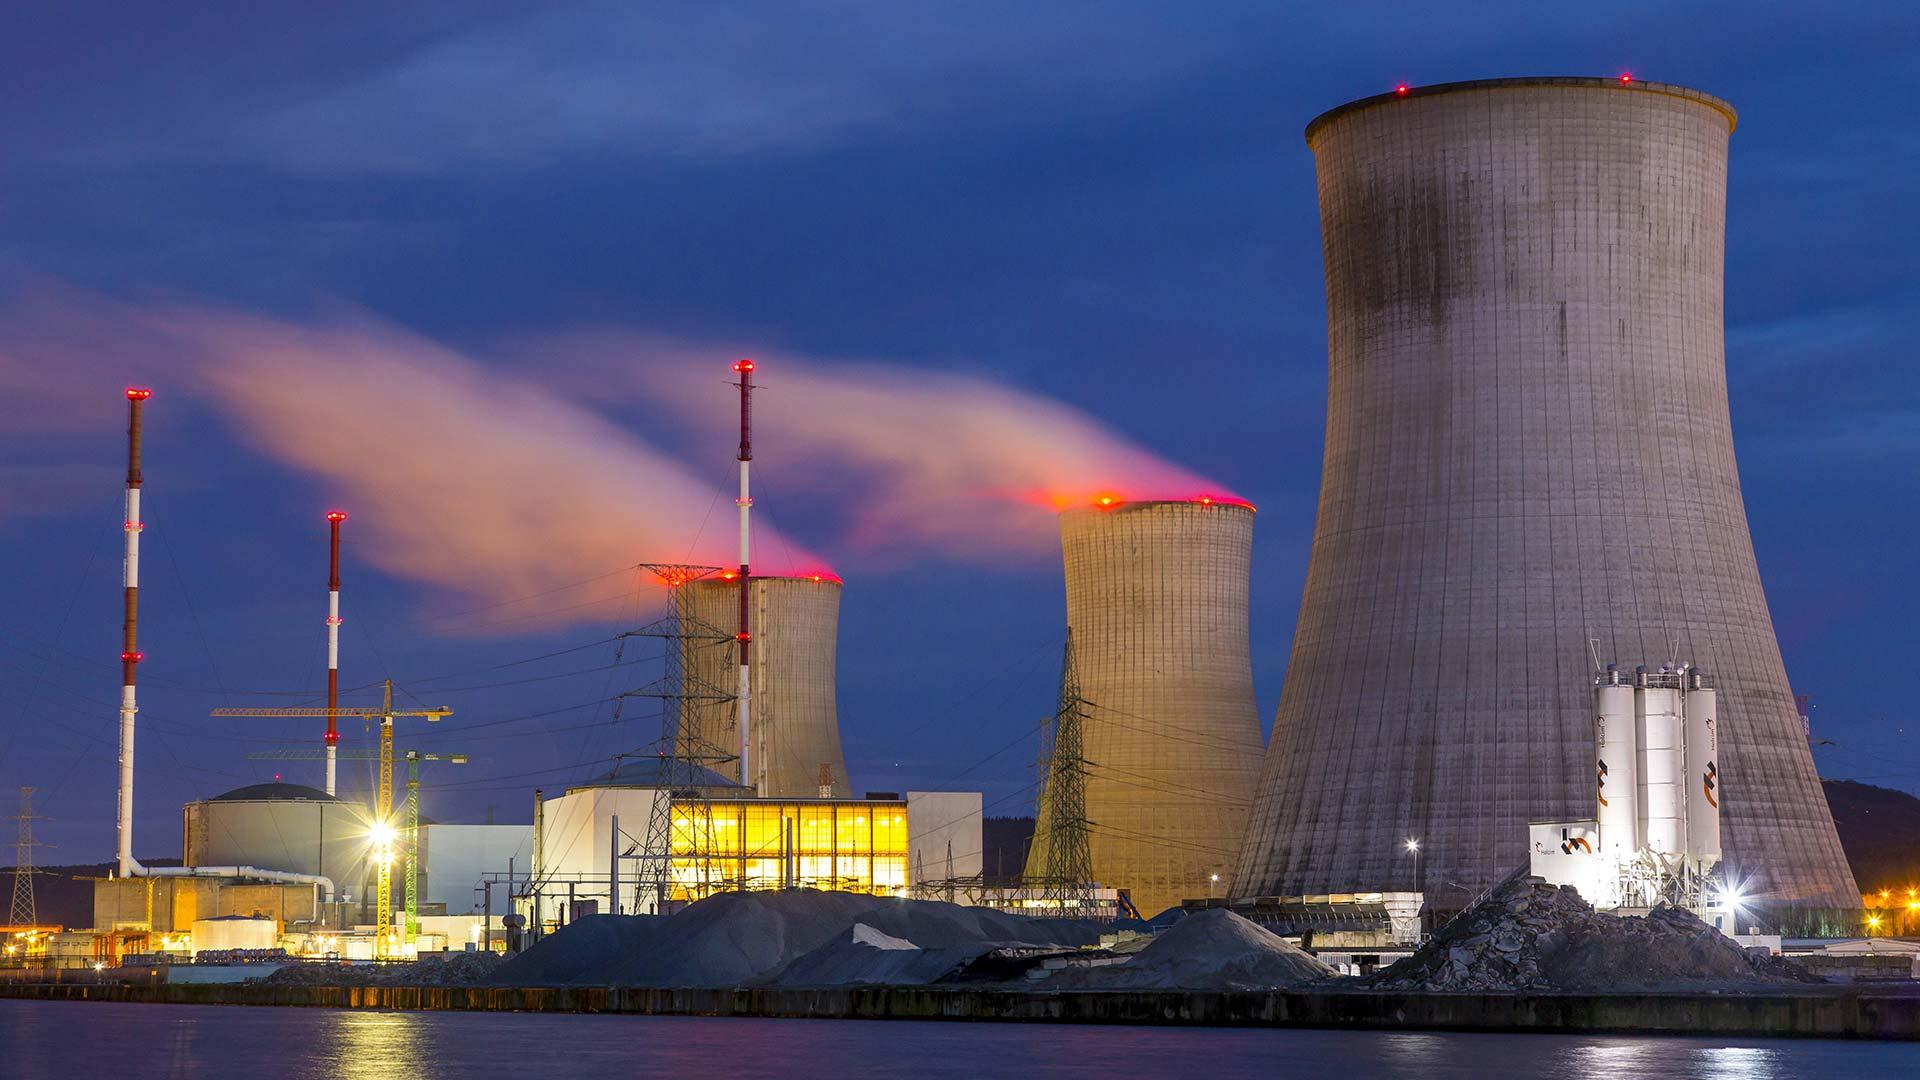 Kernkraftwerk Tihange in Huy, Belgien.